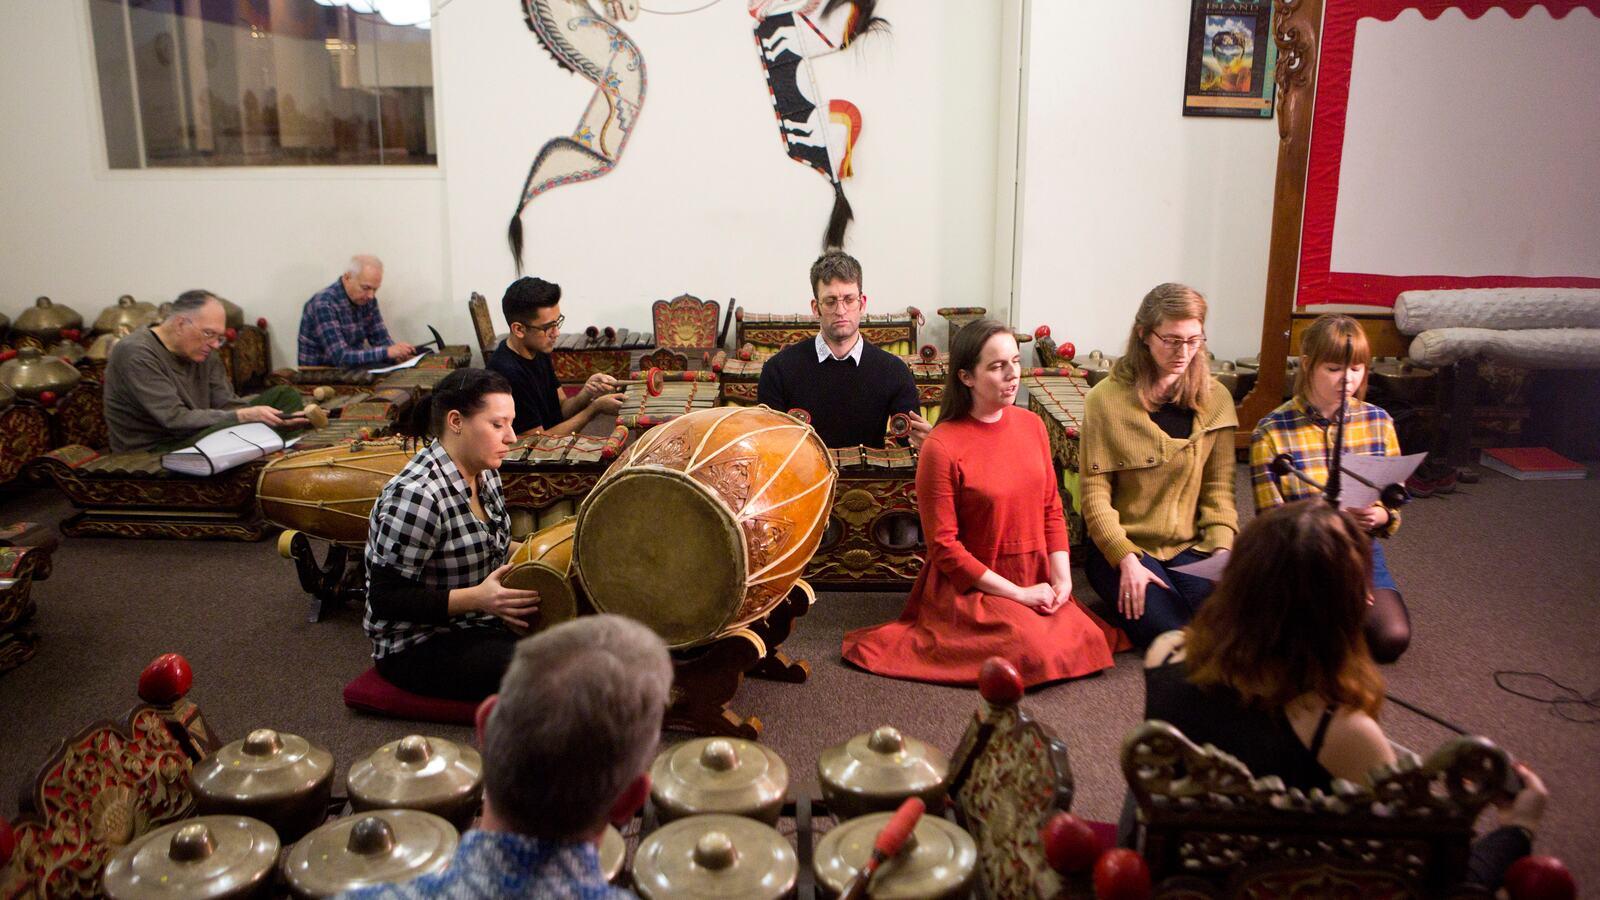 Group of people playing Gamelan